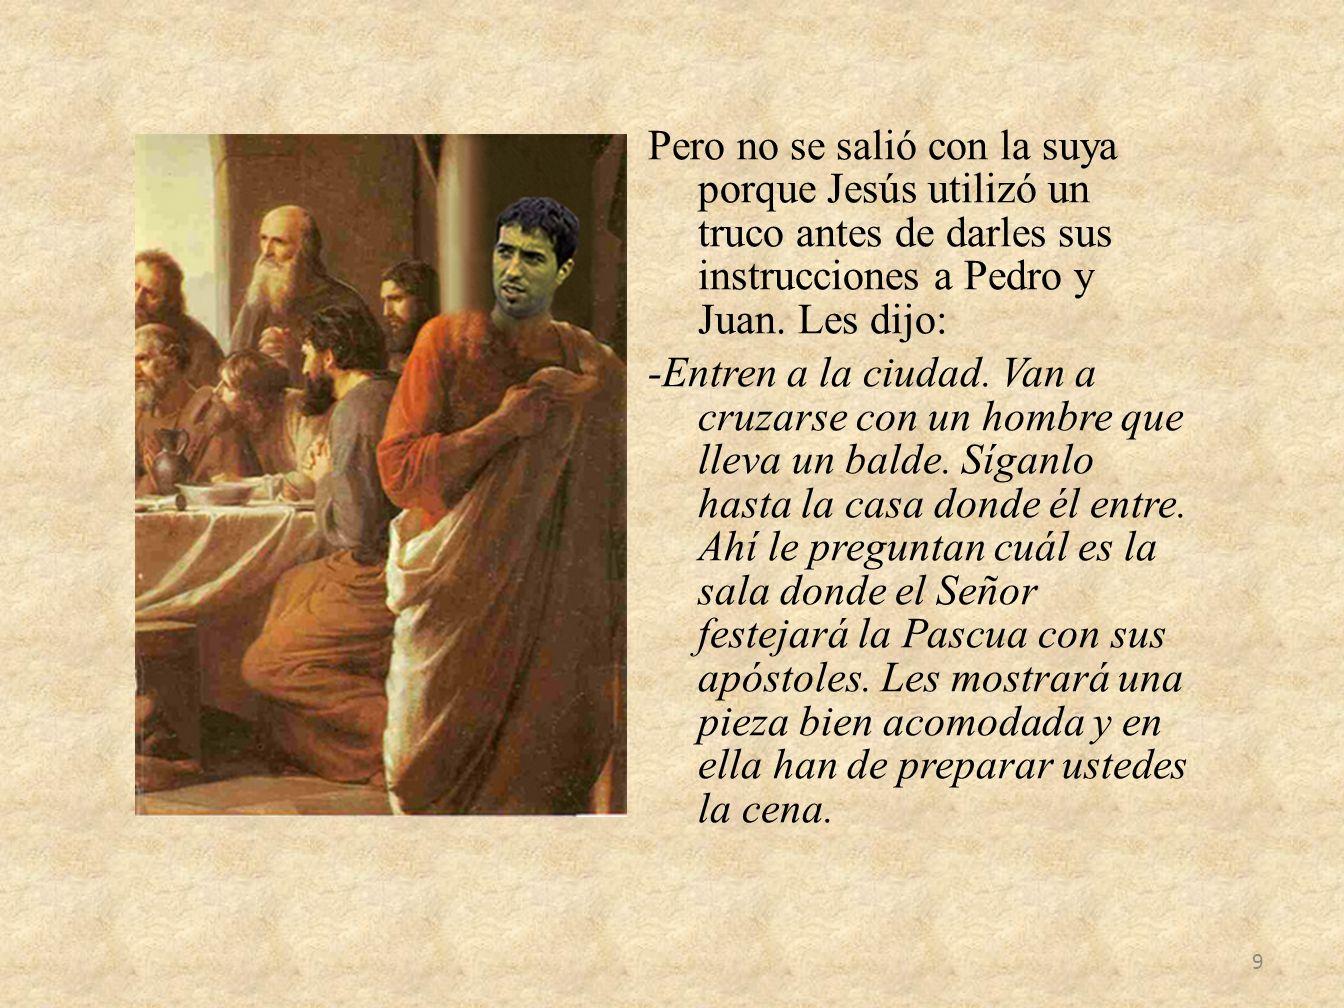 Judas se embromó, pues no era quién para impedir lo que Jesús tenía dispuesto hacer esa noche.